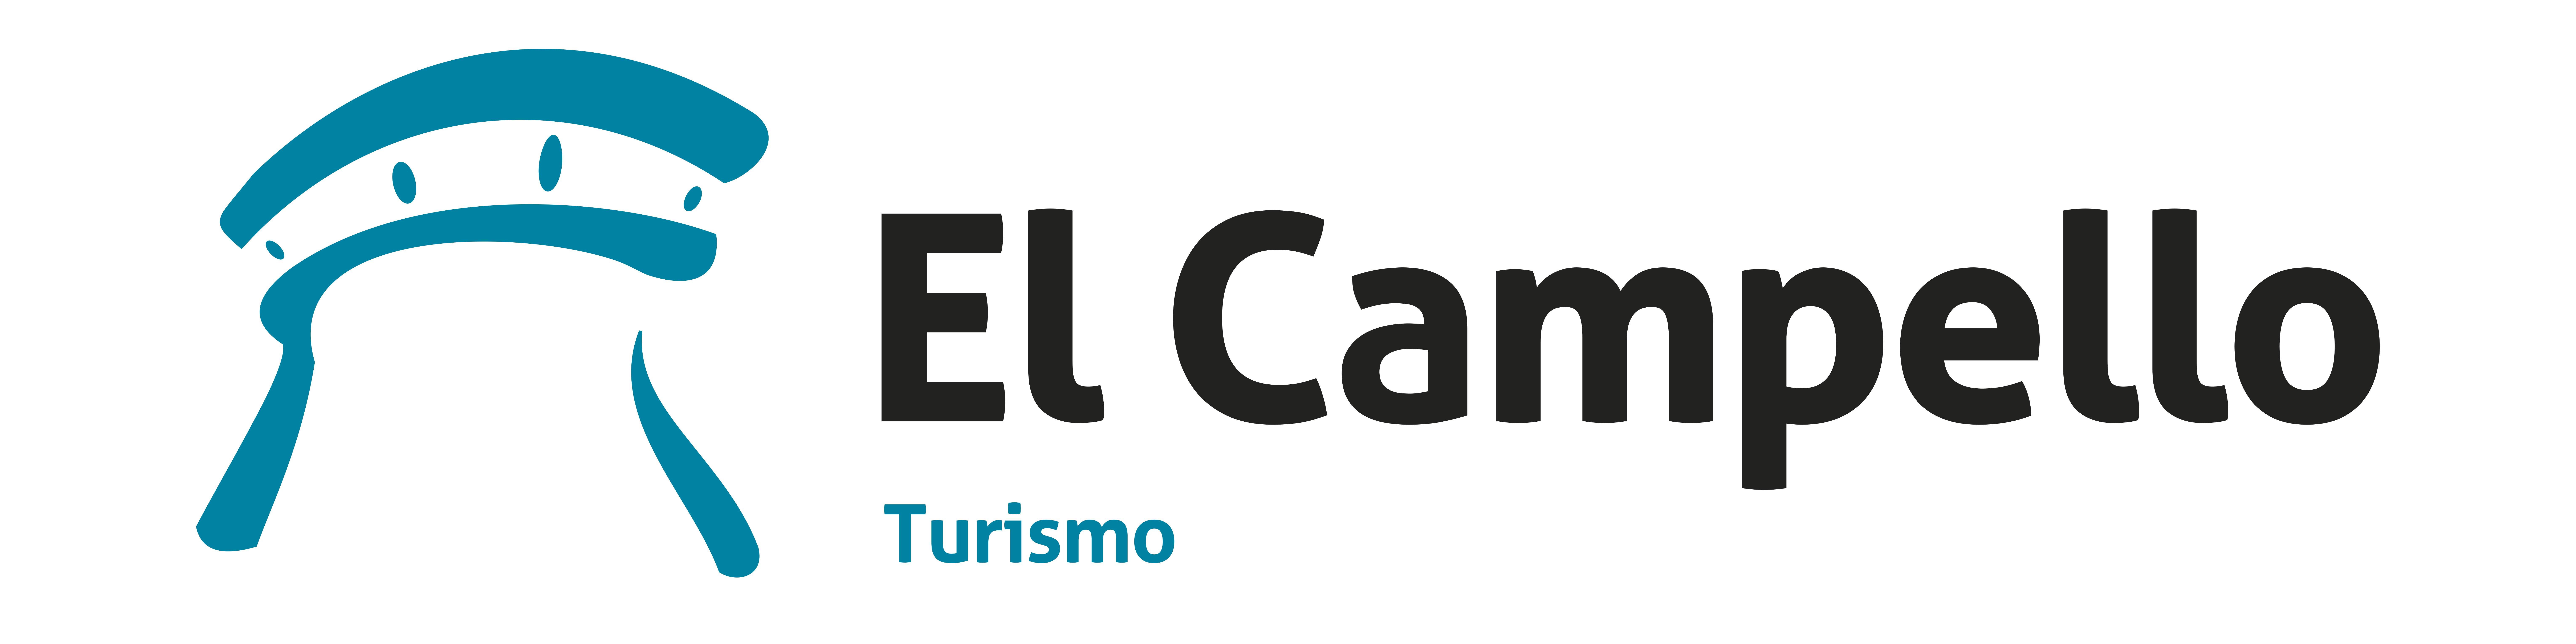 Blog de El Campello Turismo